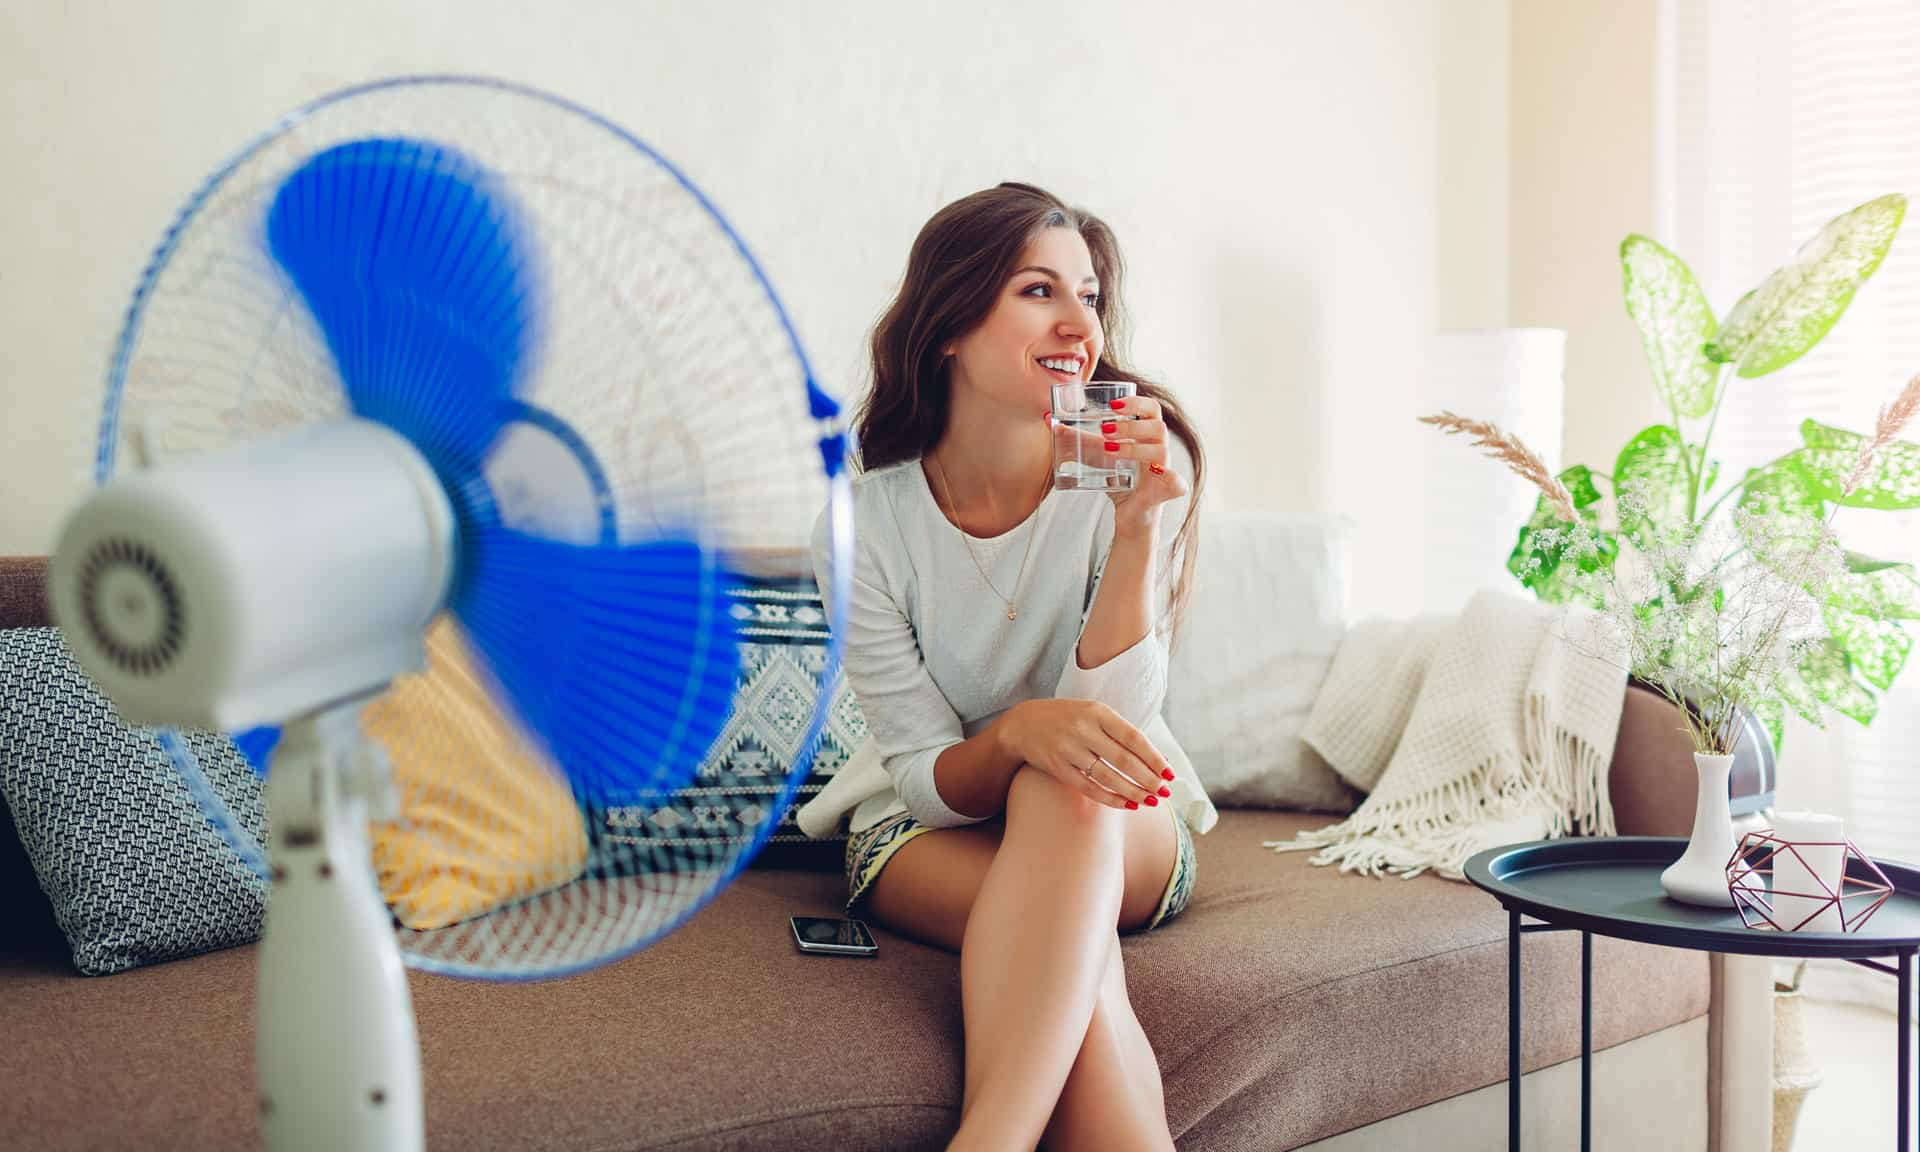 como elegir el ventilador ideal paso a paso 3